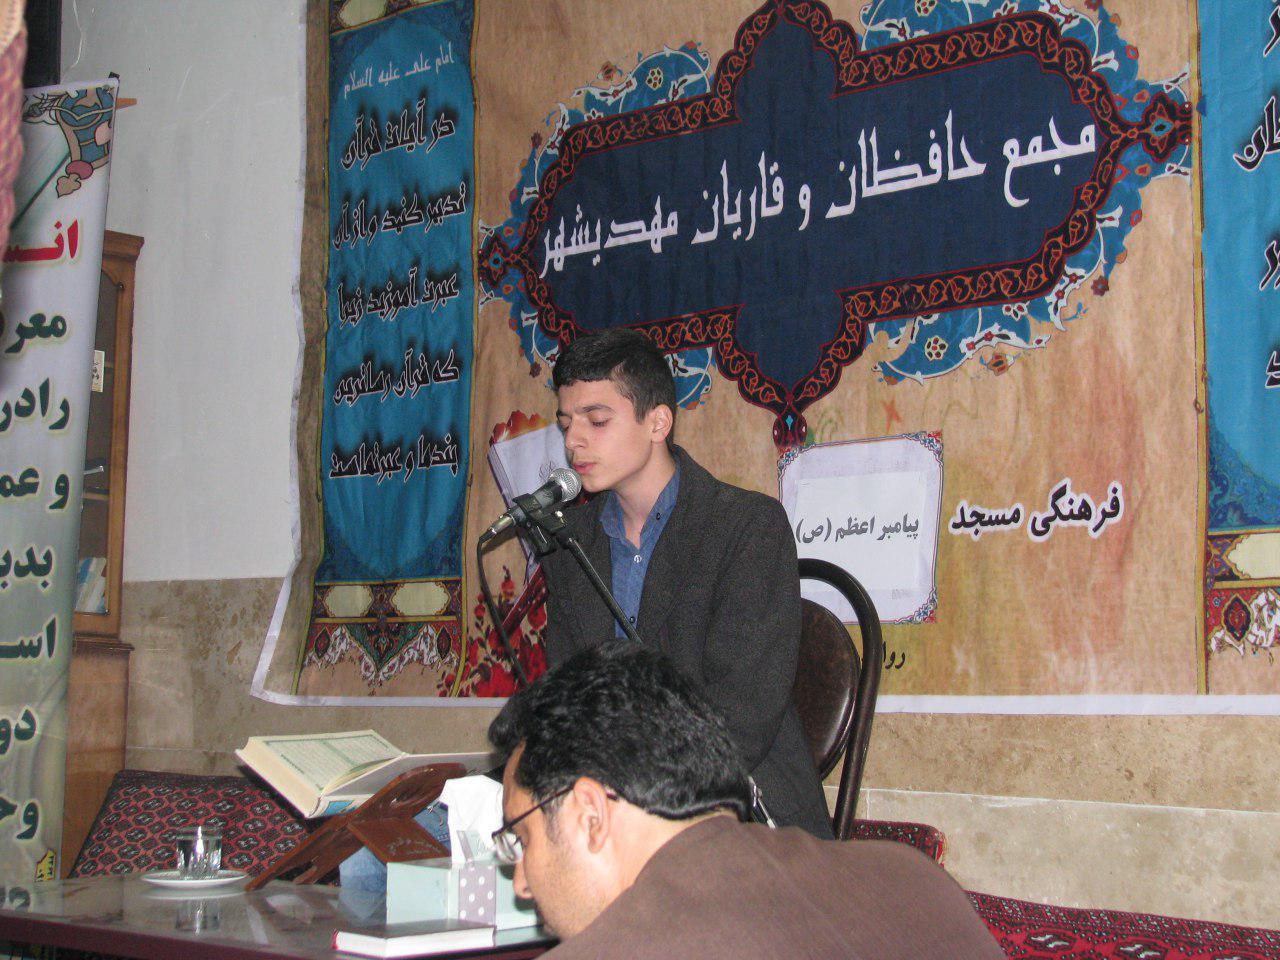 تصاویری از محفل قرآنی مجمع حافظان و قاریان جمعه یکم بهمن در مسجد پیامبر اعظم (ص) مسکن مهر